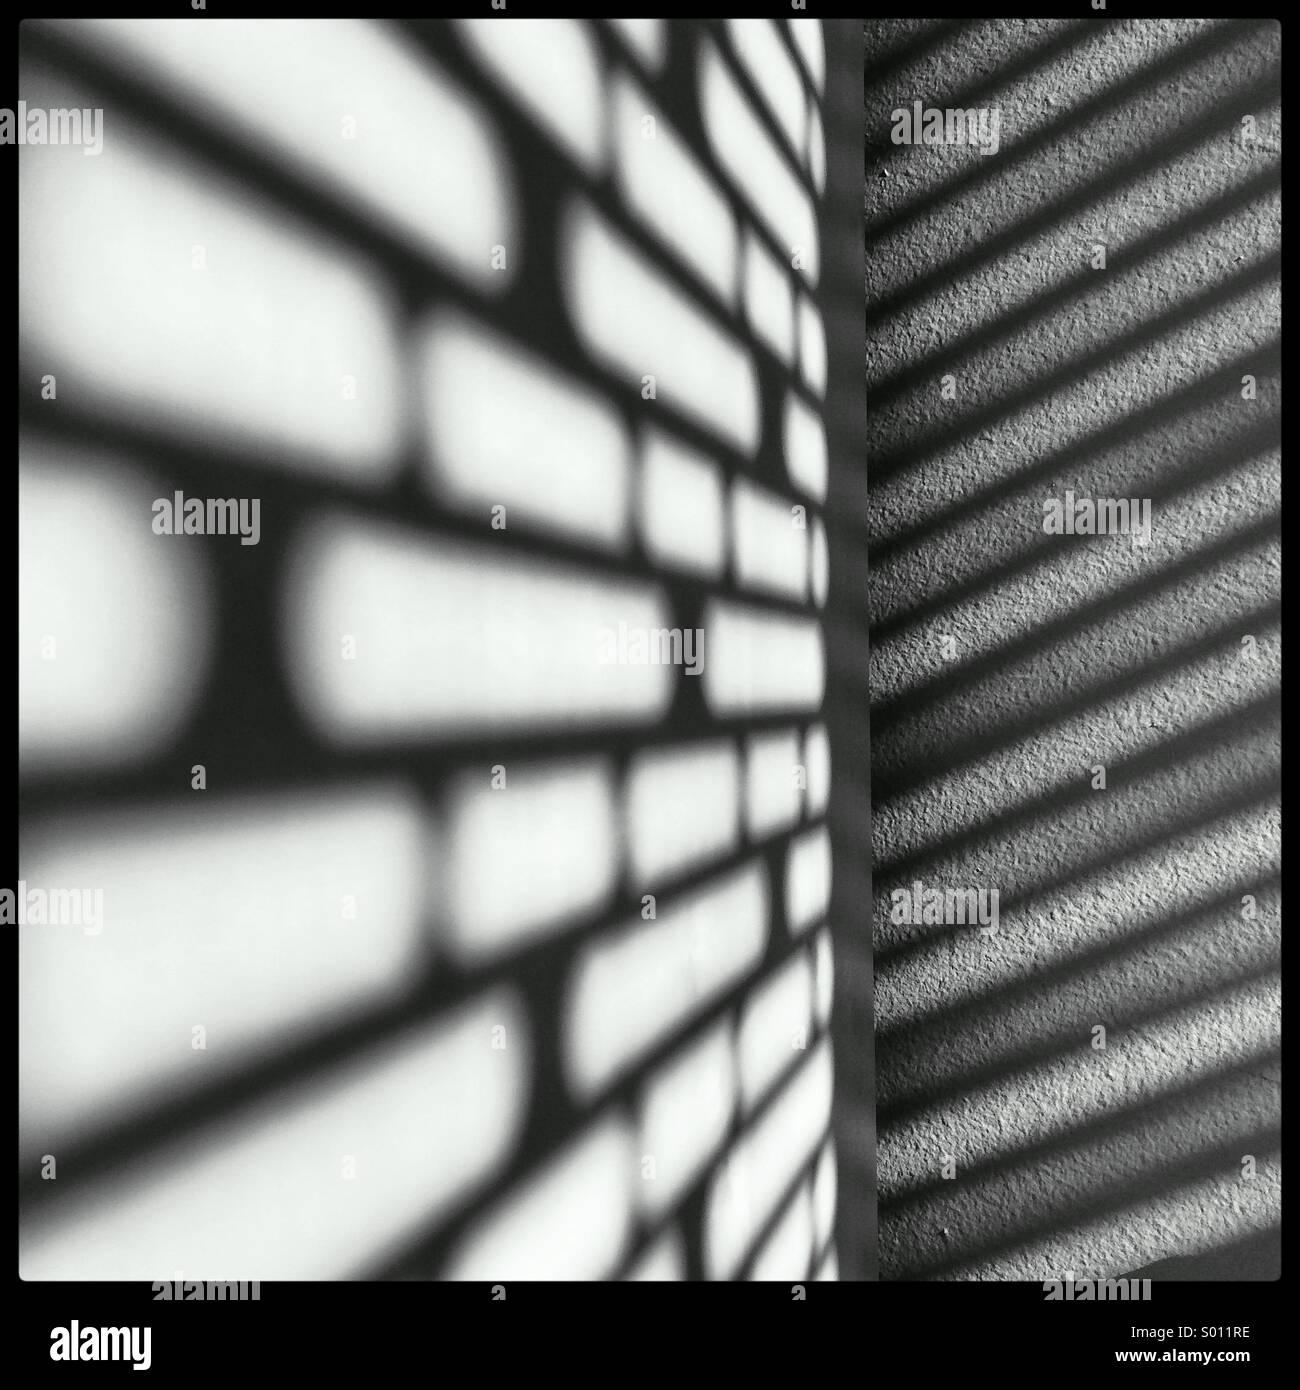 El sol casting sombras frescas en mi muro y estantería, a través de las persianas en mi oficina. Imagen De Stock